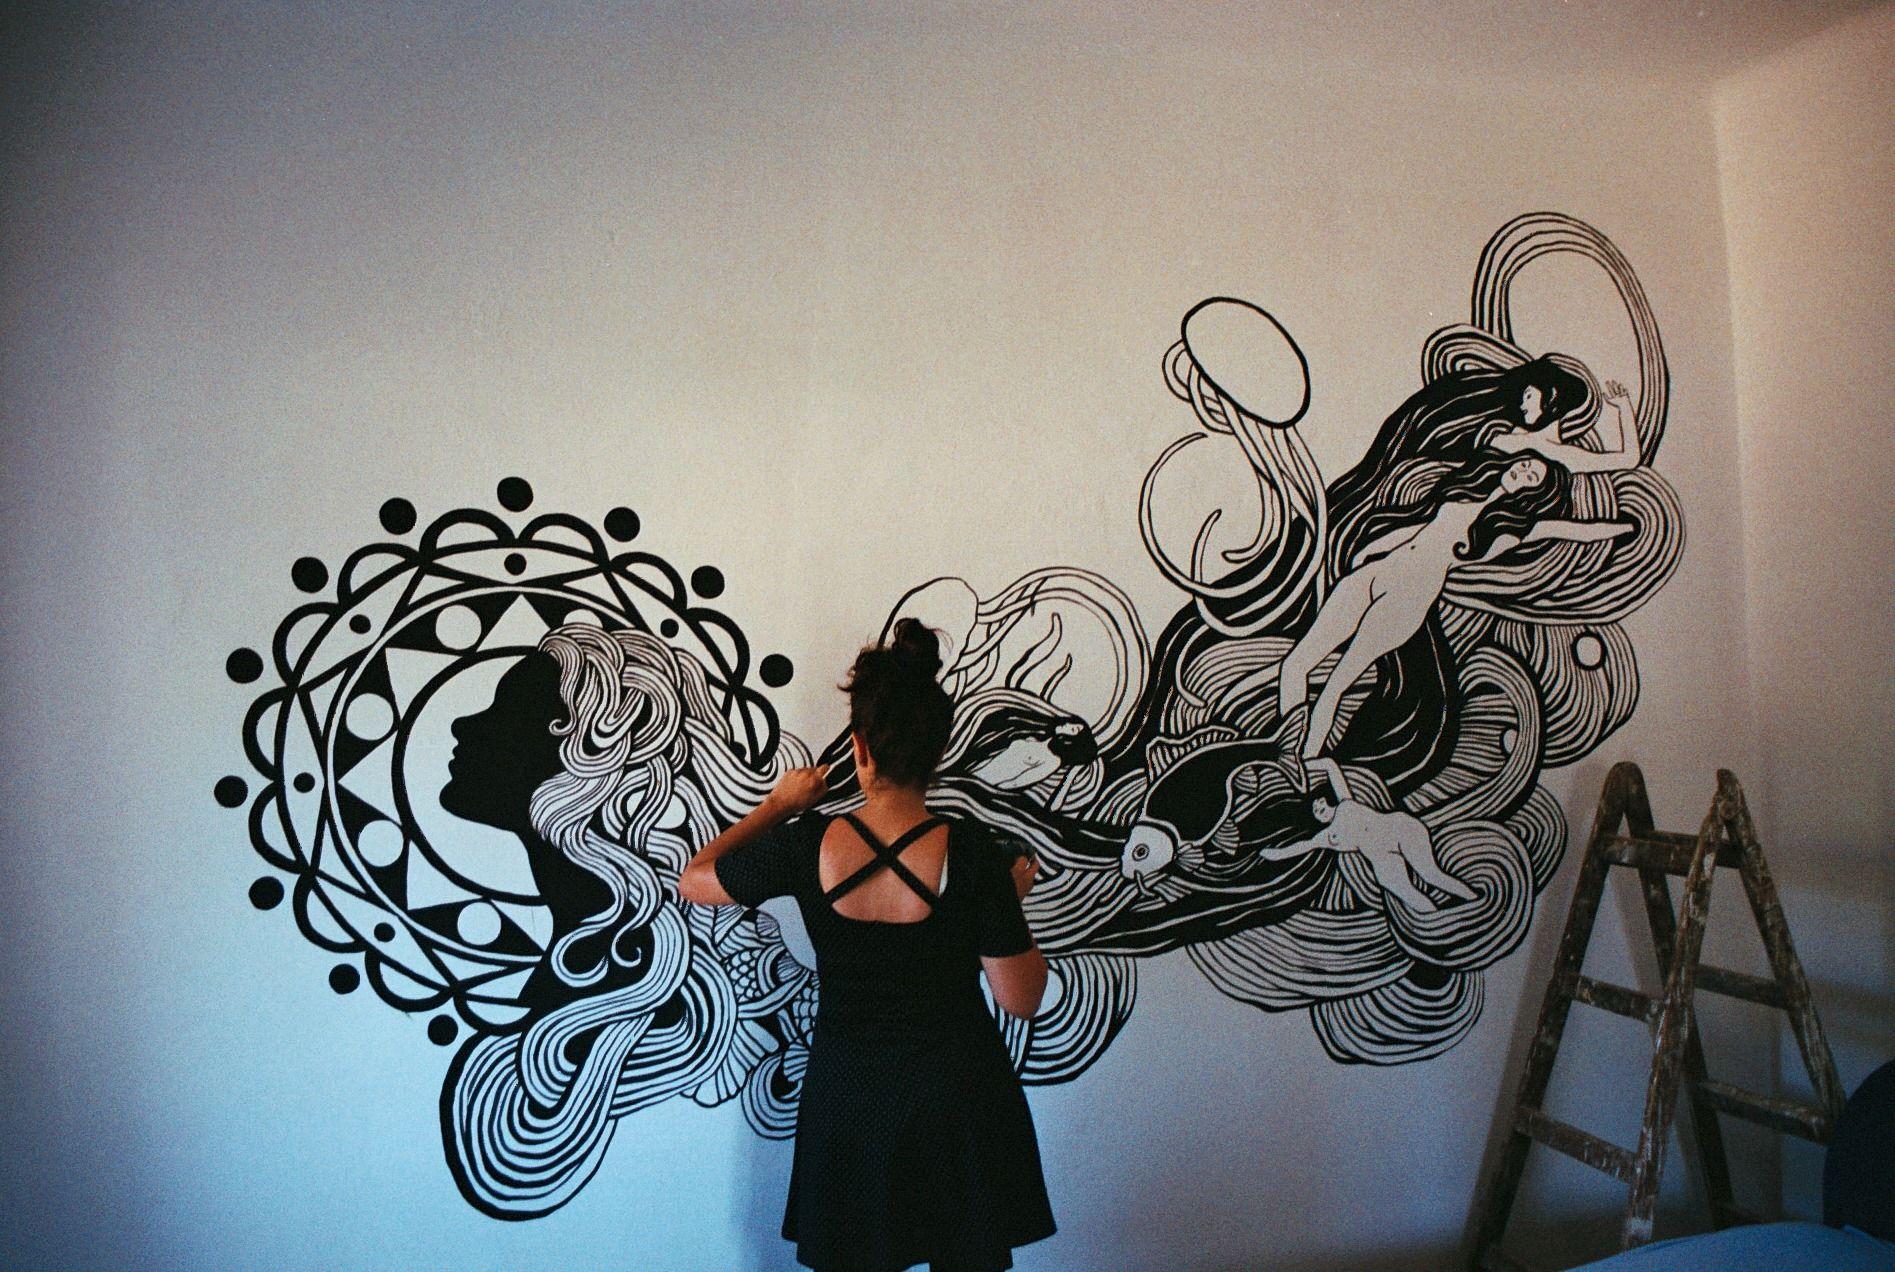 Jadranka Lacković je Riječanka čiji murali krase naš grad, a odnedavno i centar Bruxellesa